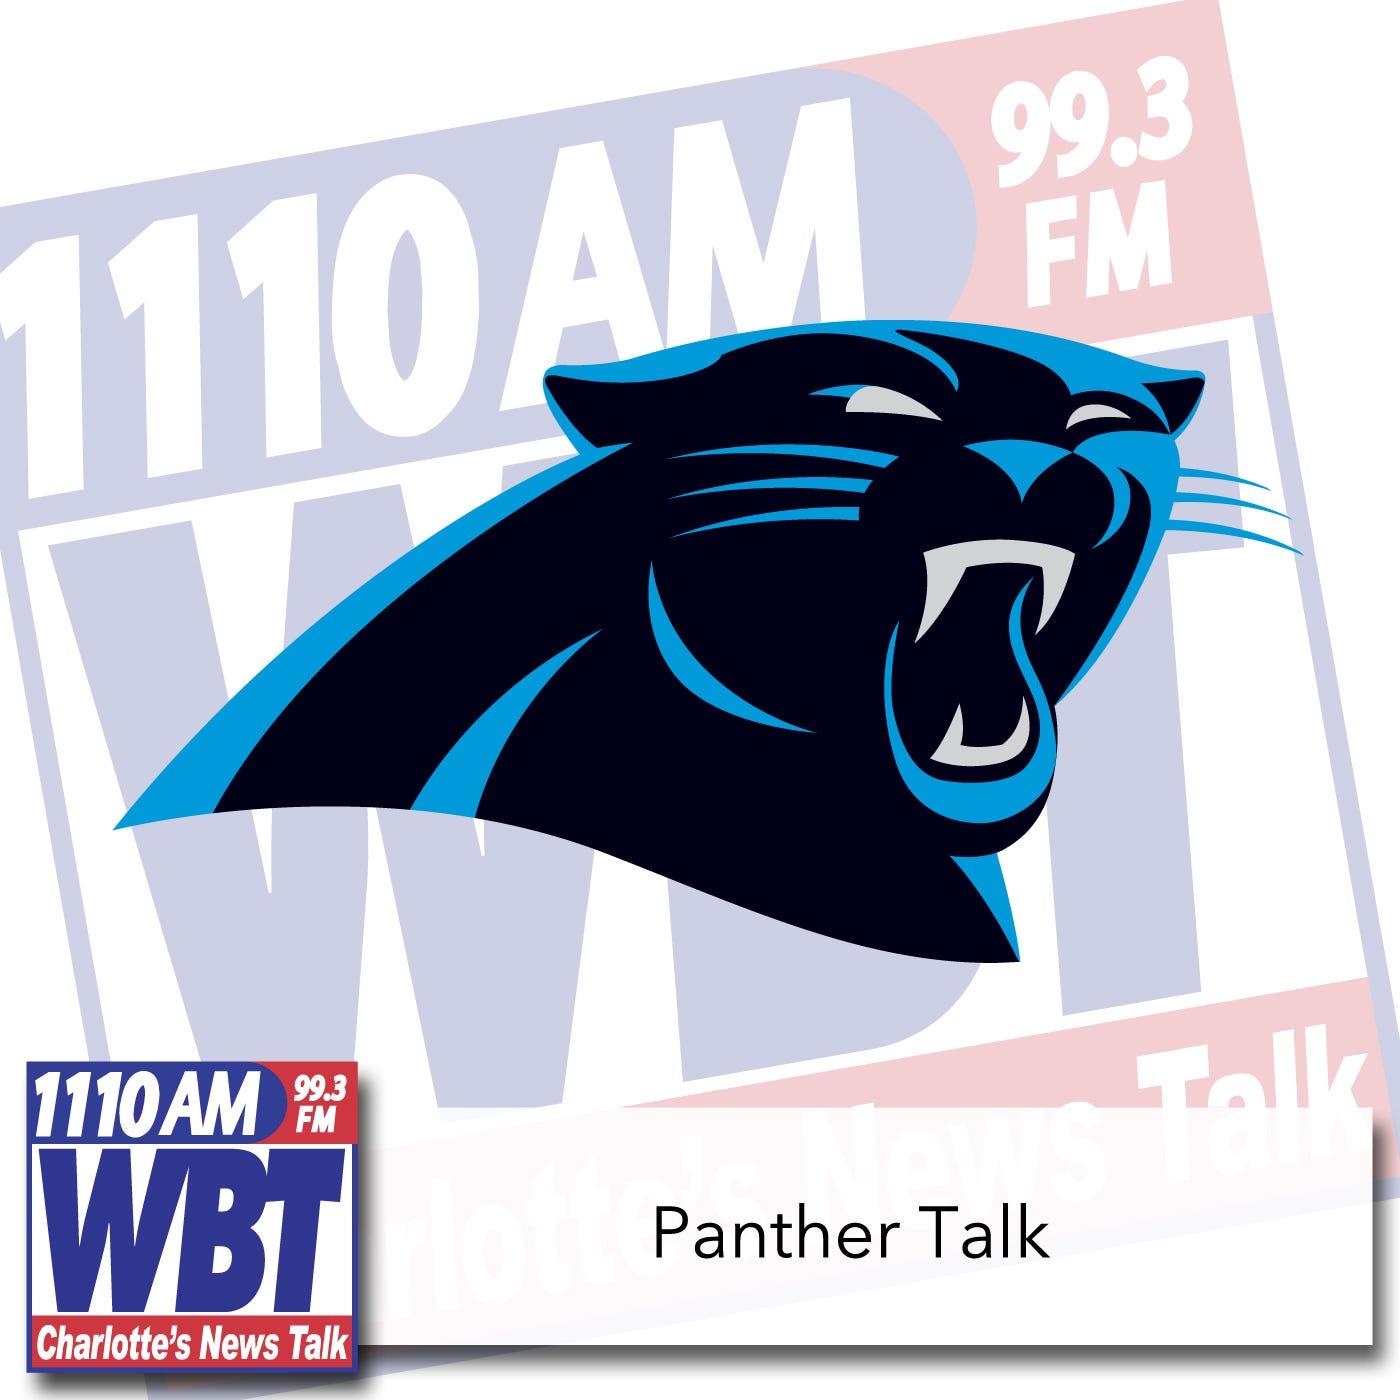 Panthertalk 12-23-19